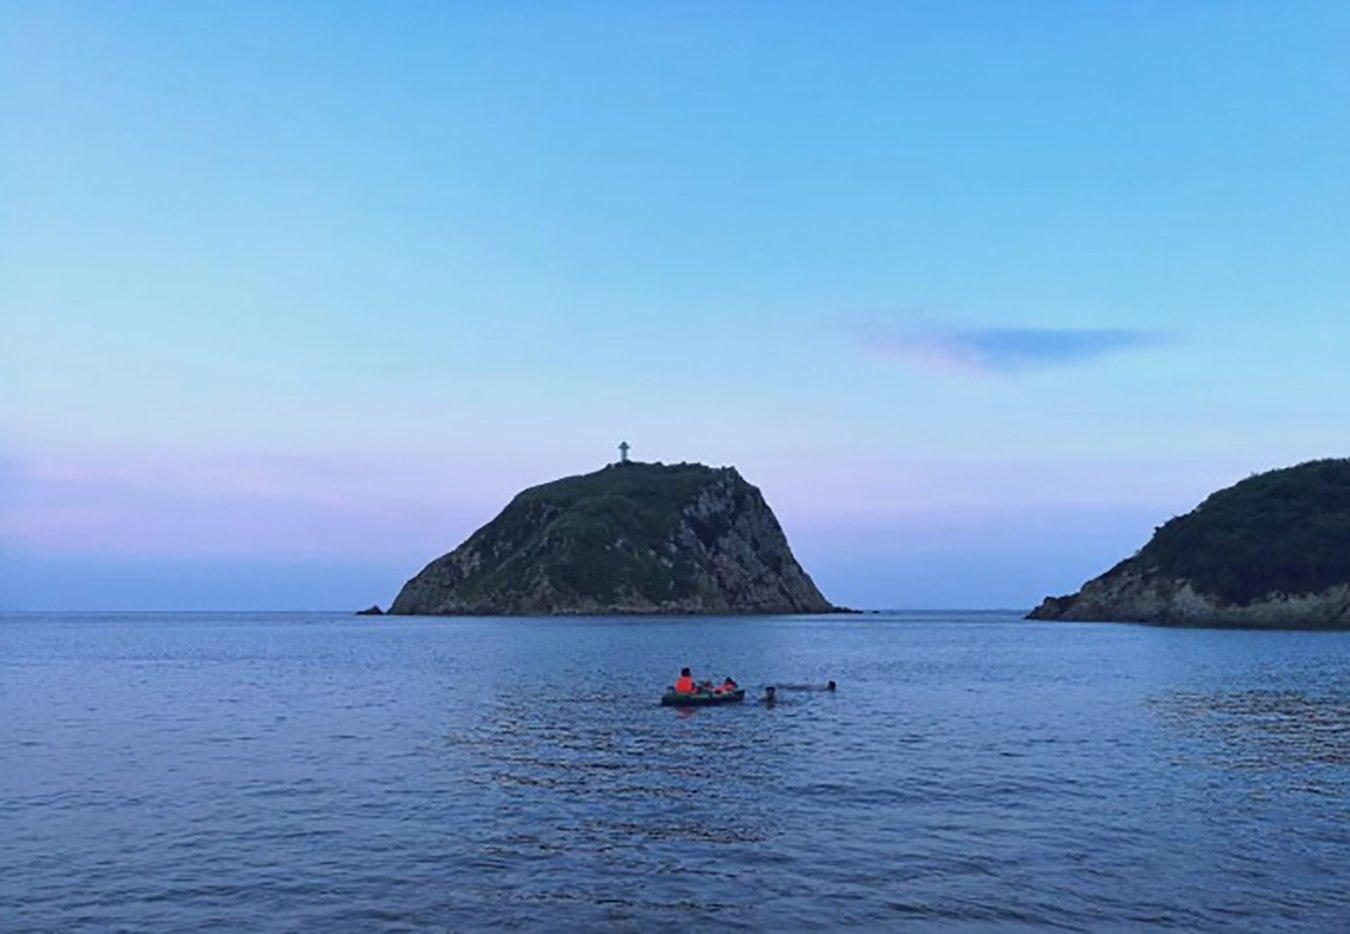 【岛溡文艺】上天潜海入梵境,蓬莱仙境是岱山